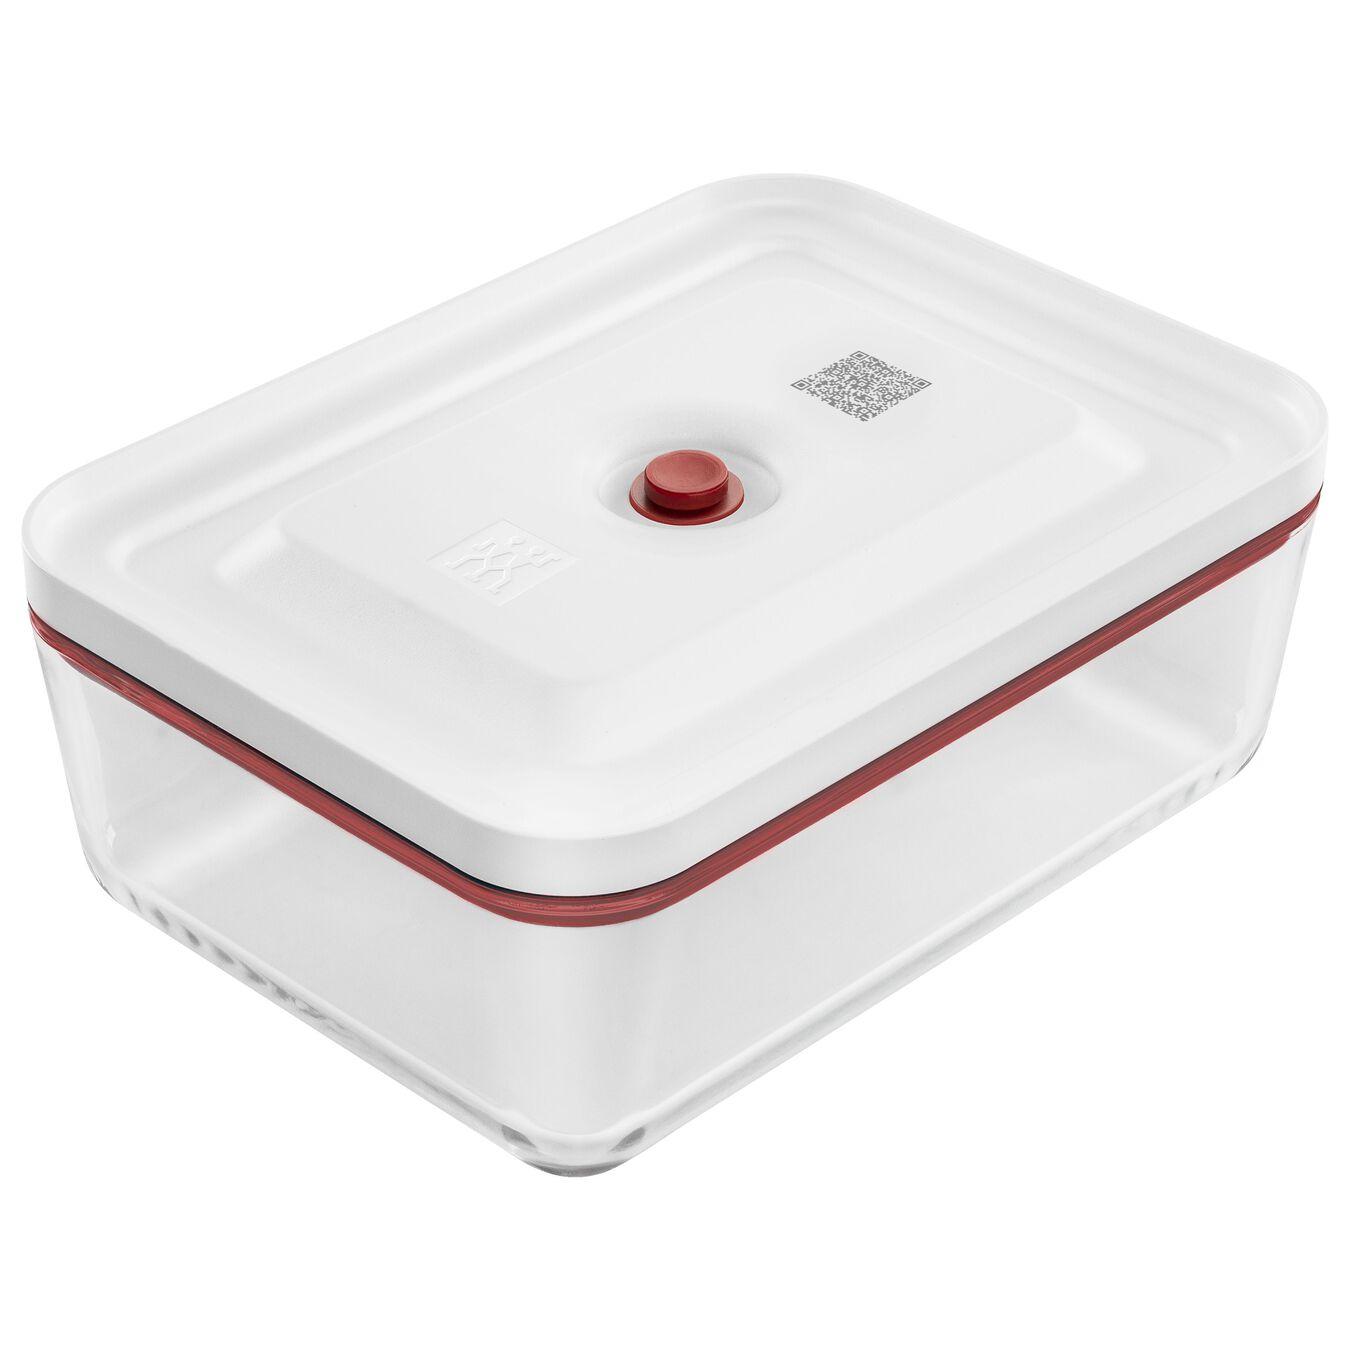 Contenitore sottovuoto per il frigo, vetro, rosso,,large 1